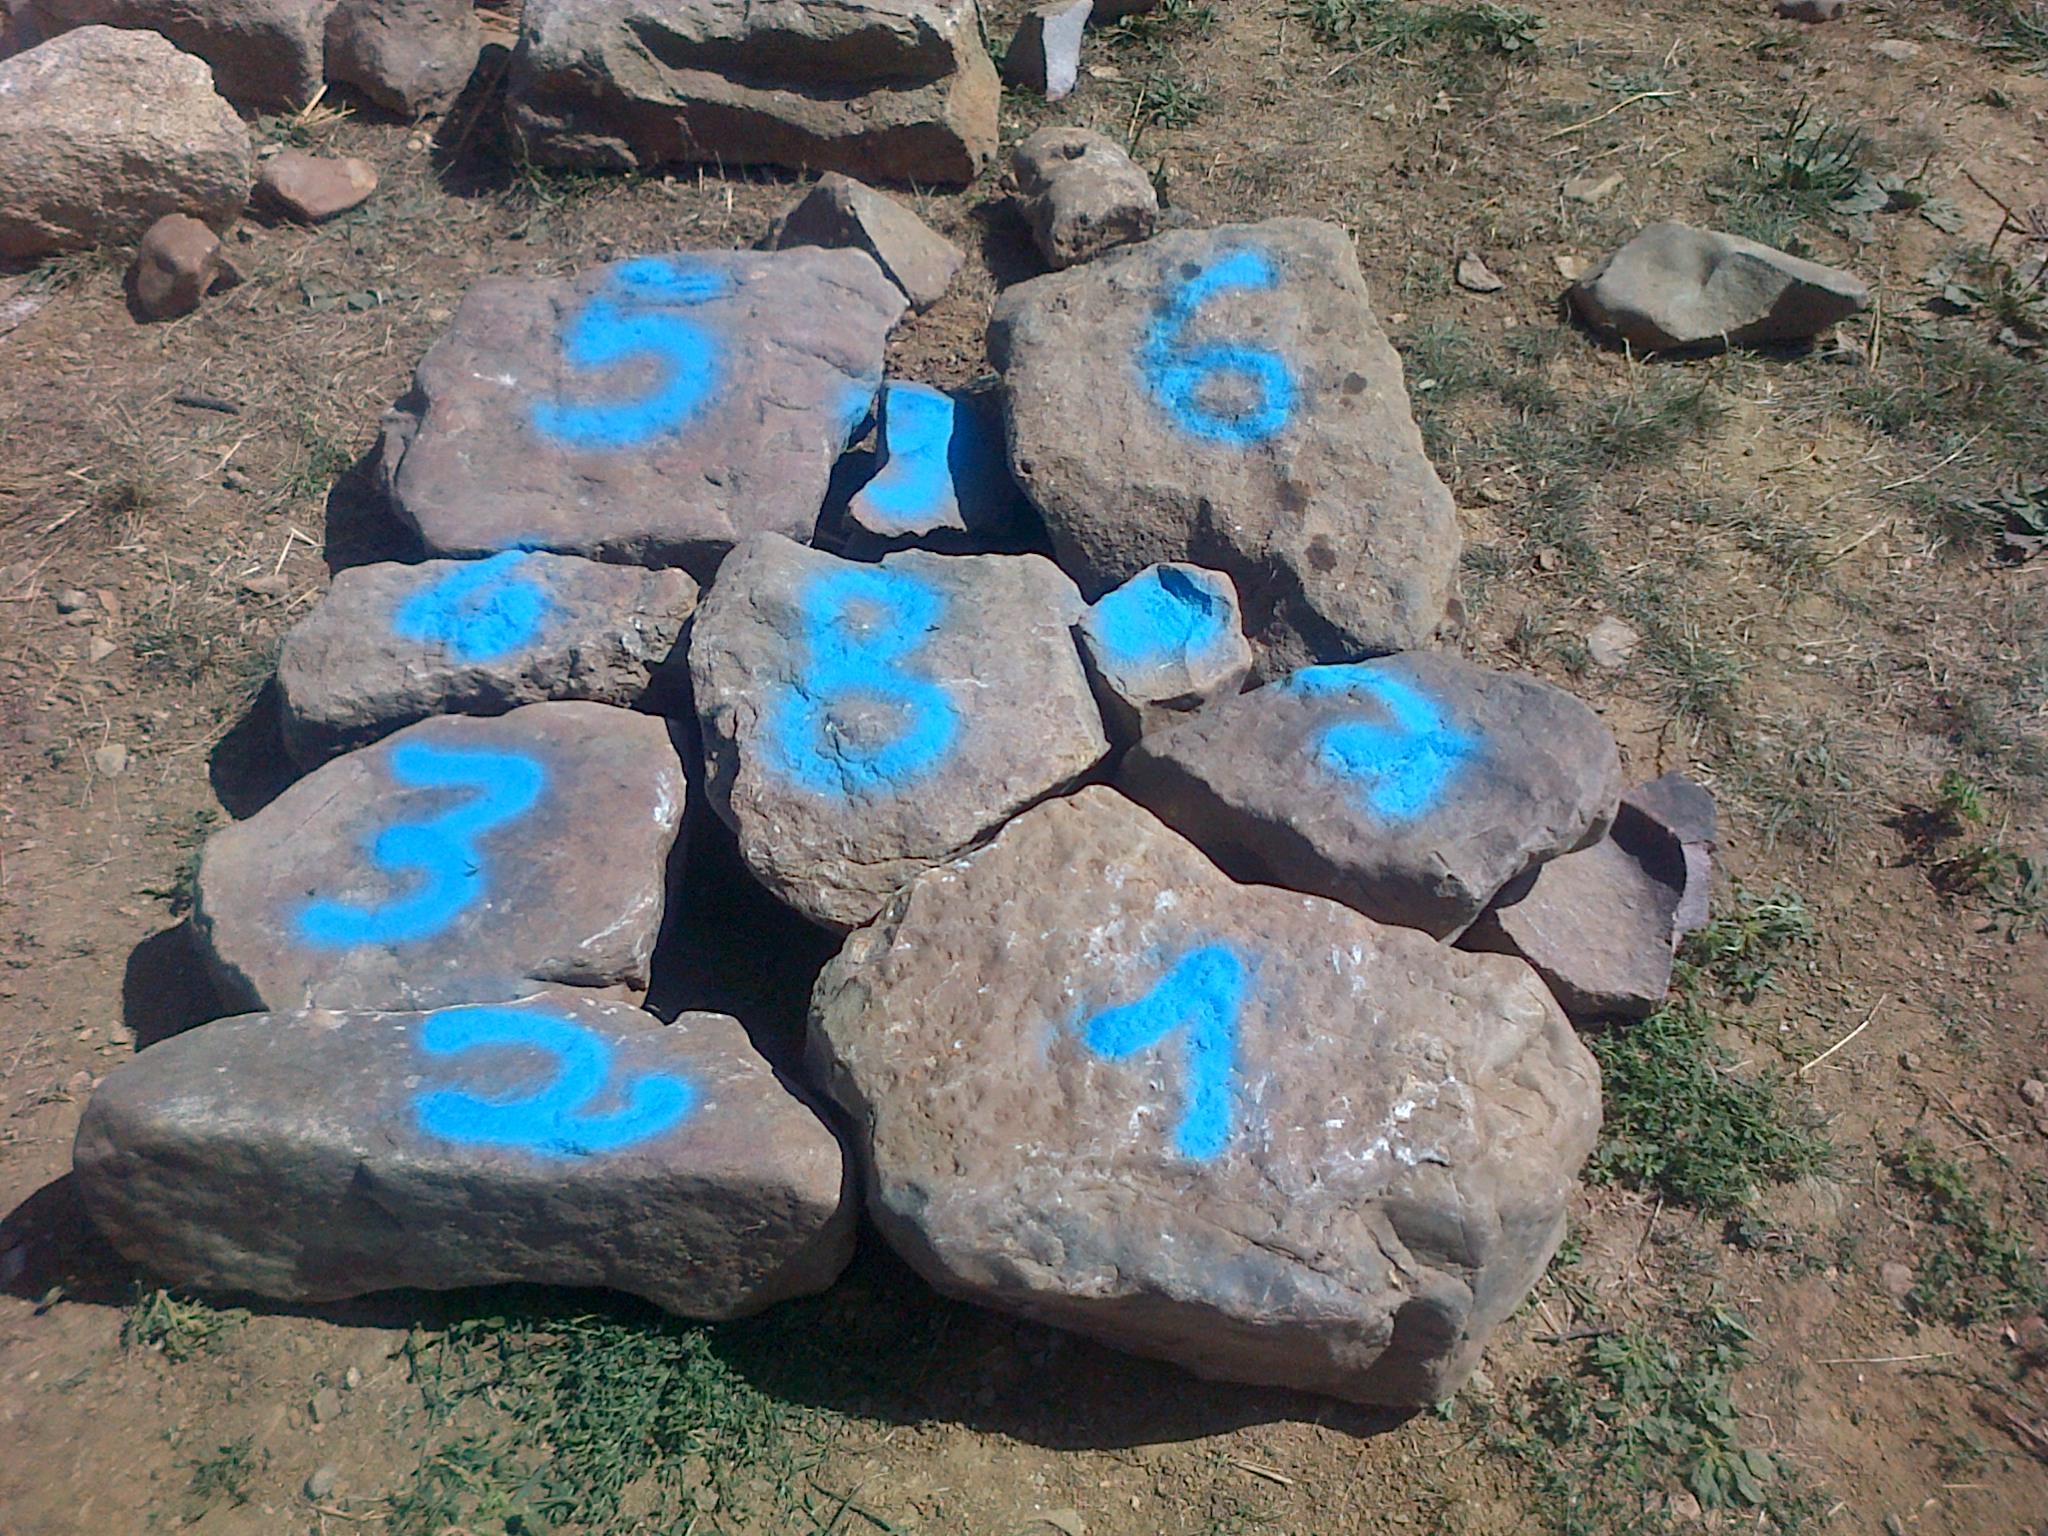 Numérotation des pierres